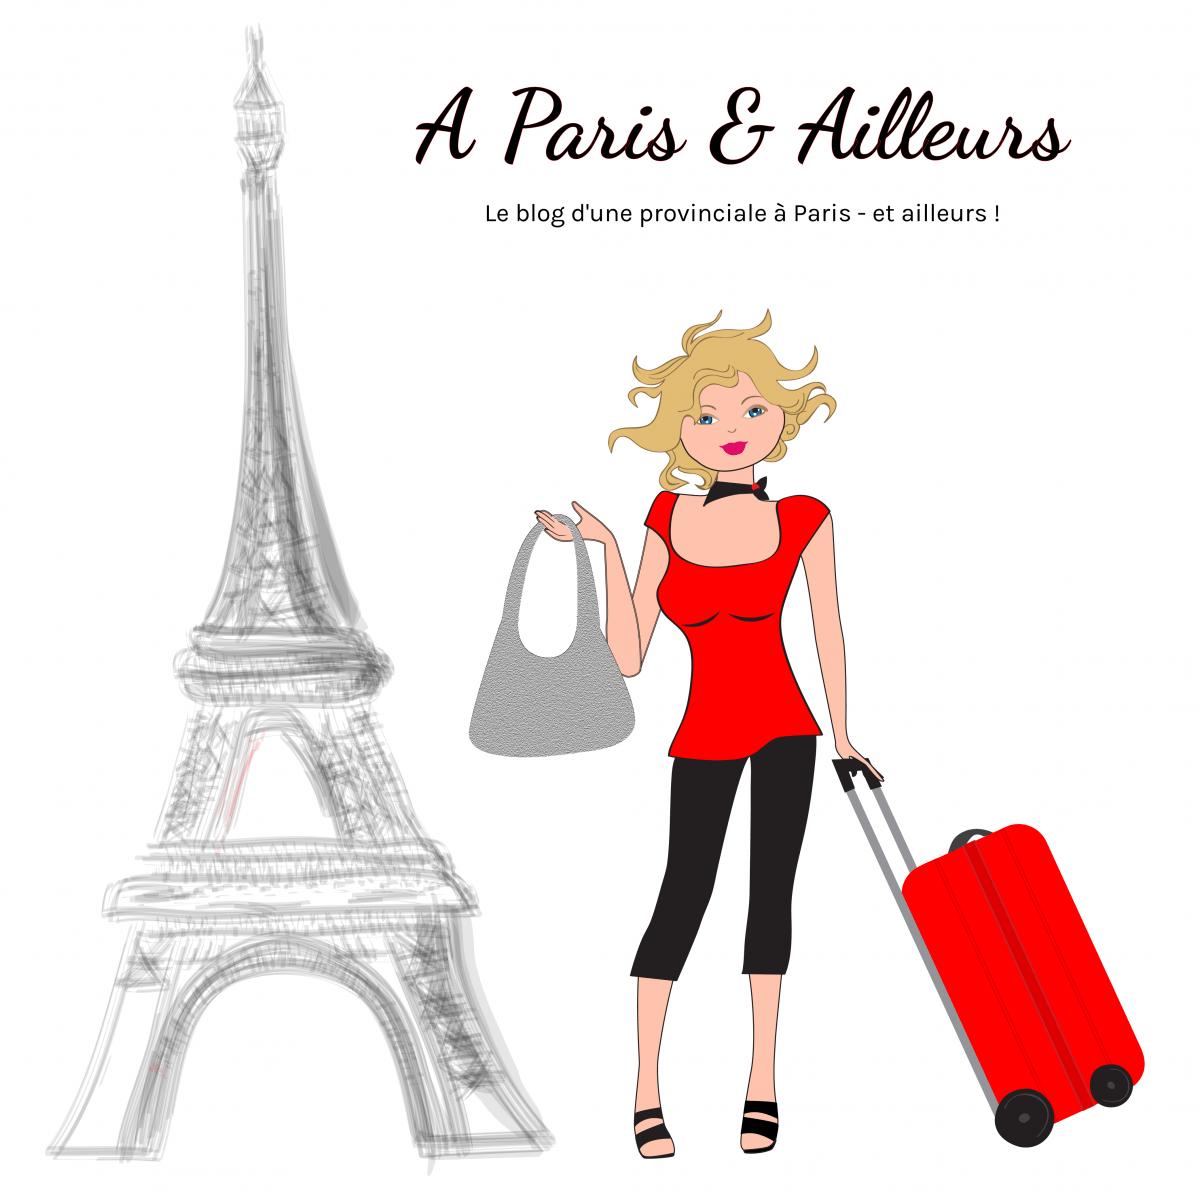 A Paris et Ailleurs